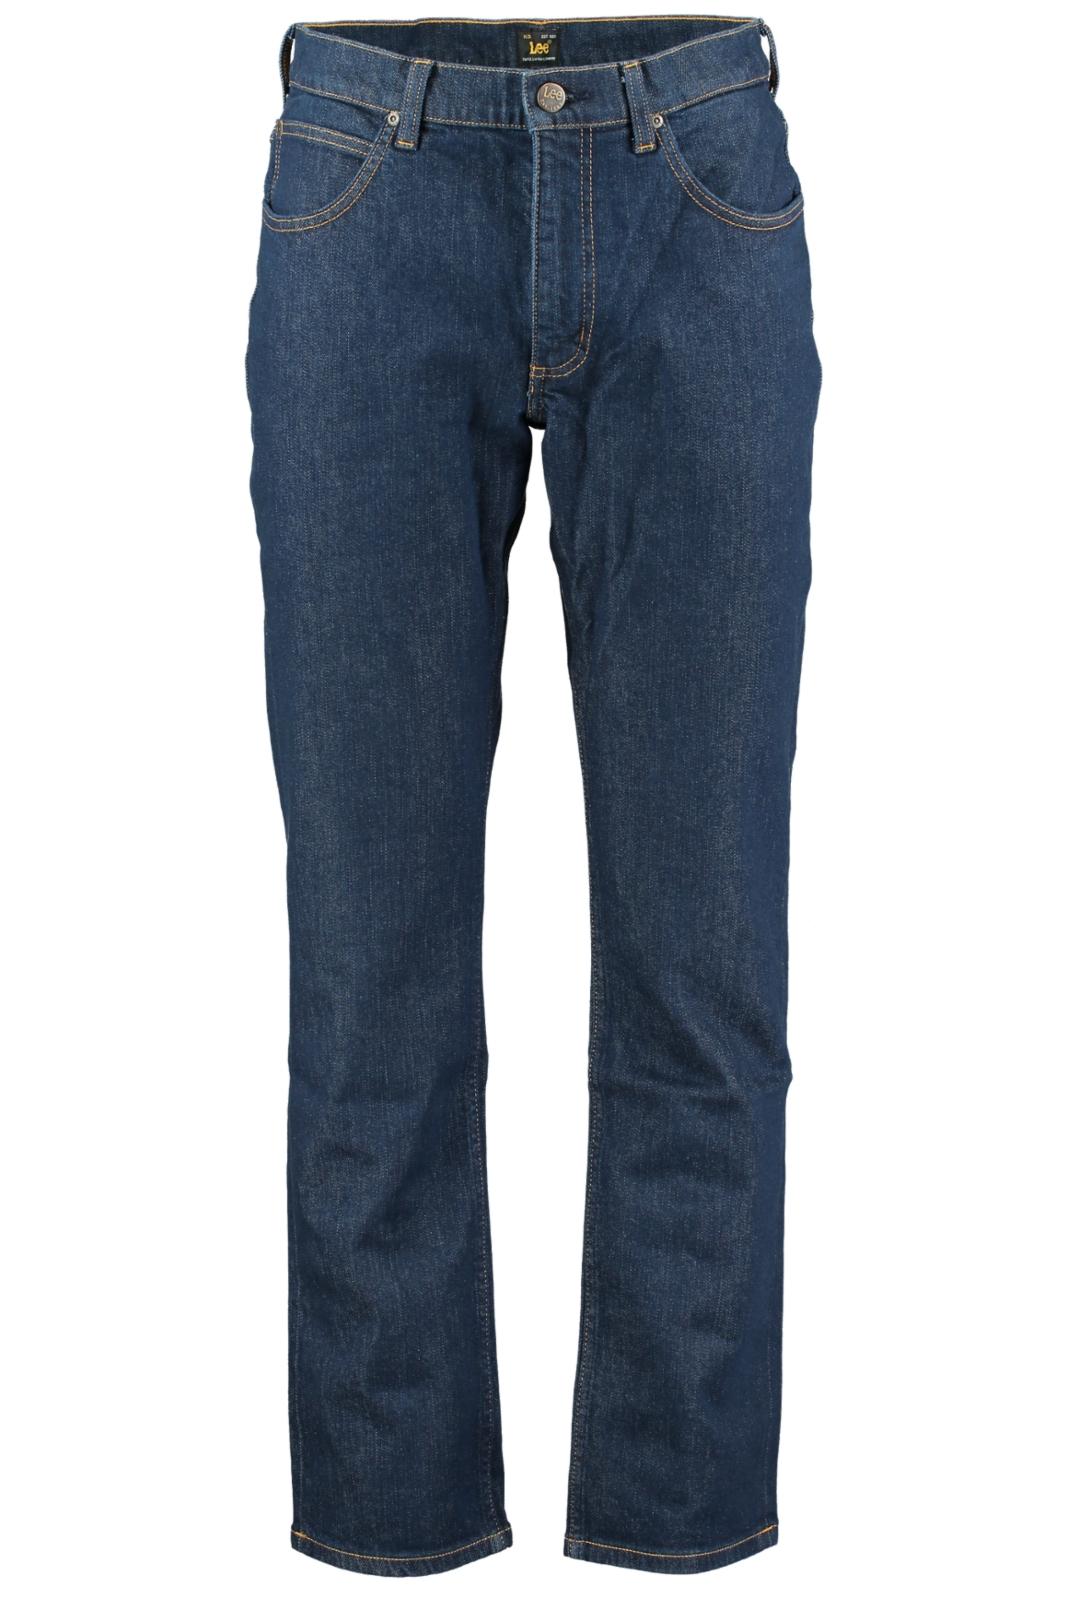 lee jeans herr